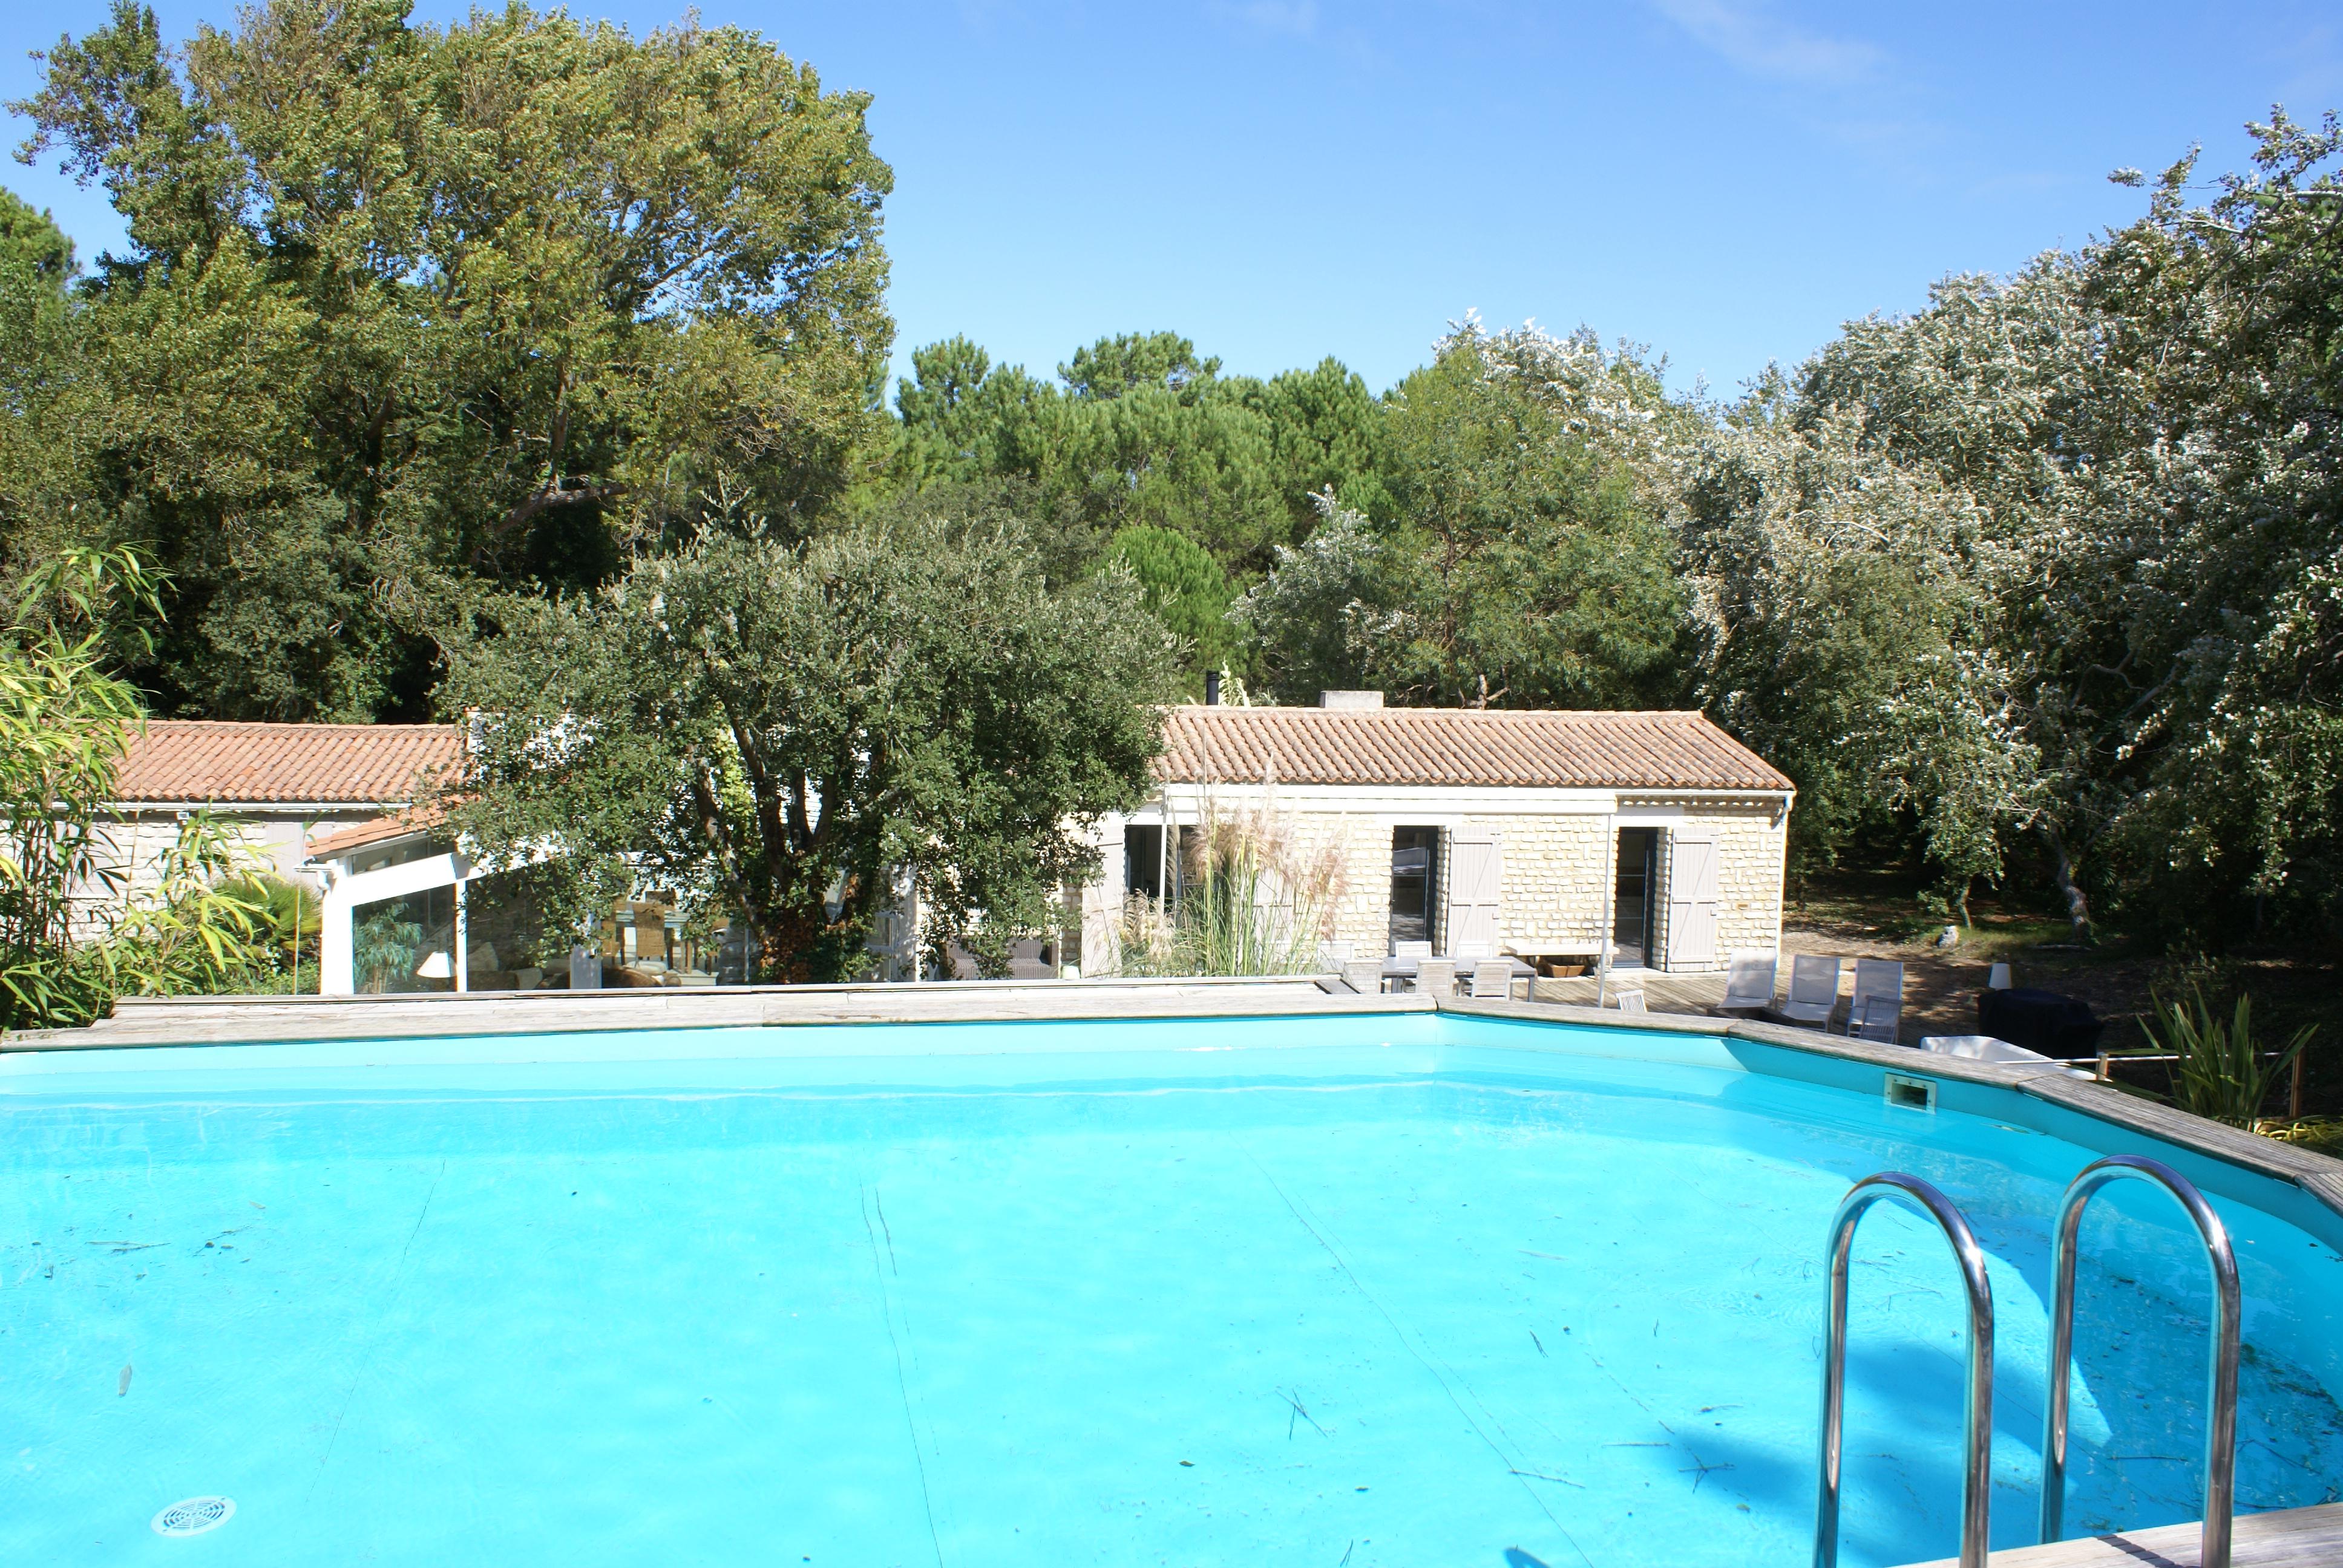 Location Ile De R Le Bois Plage En R Villa Avec Piscine Et  ~ Location Maison Bois Plage En Ré